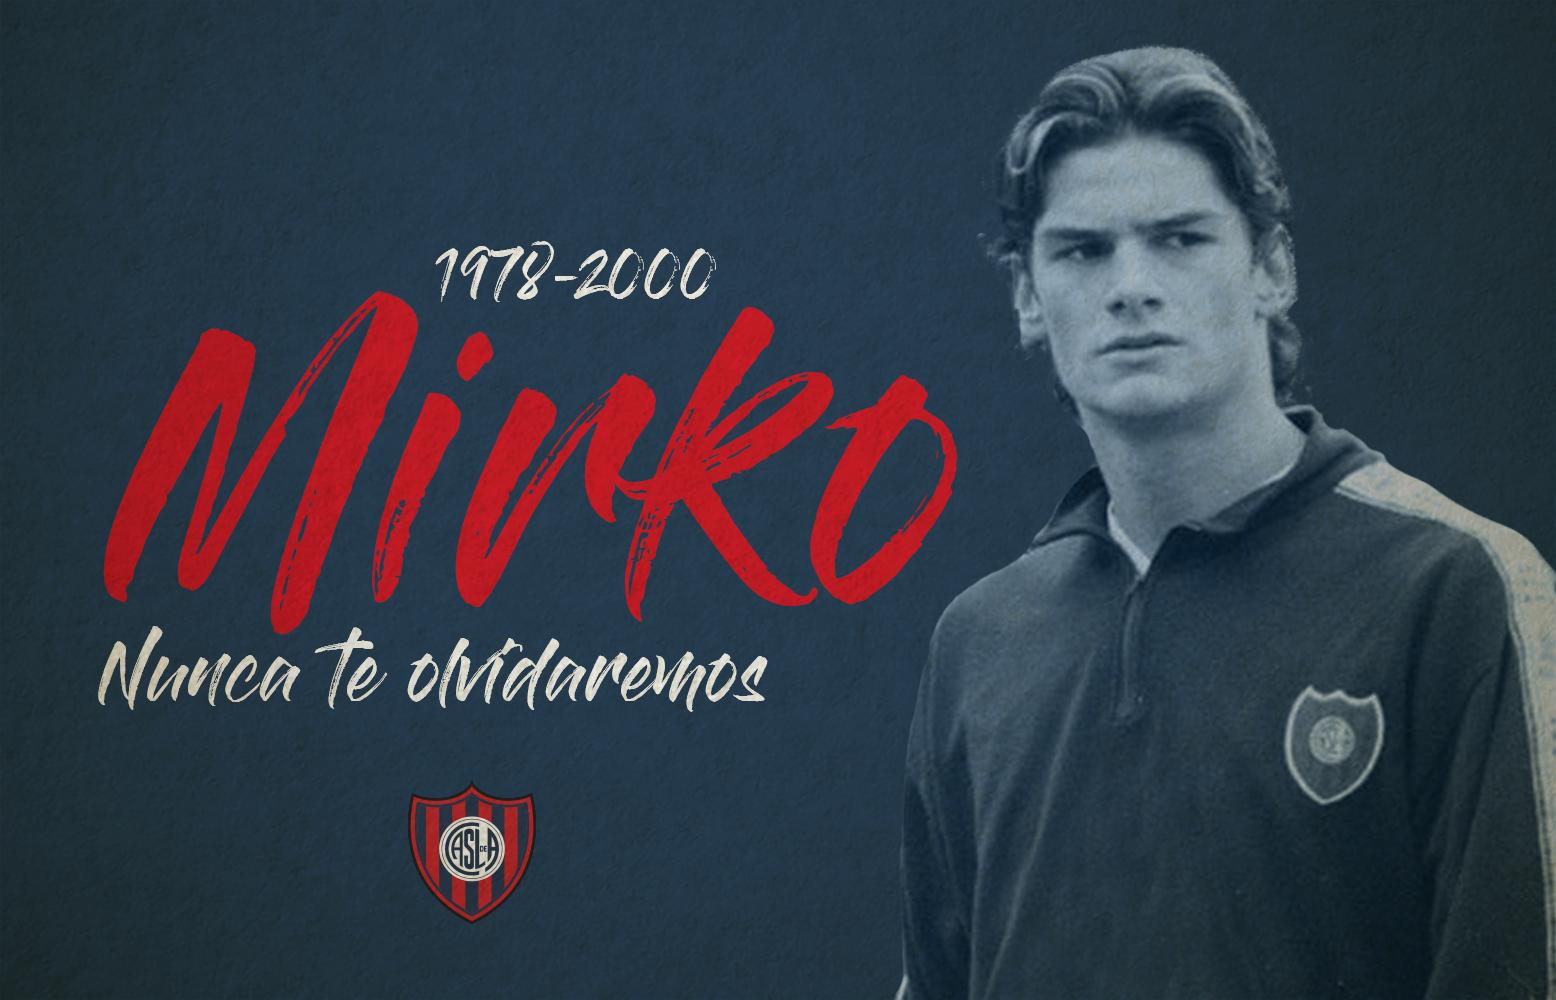 El recuerdo de San Lorenzo para Mirko